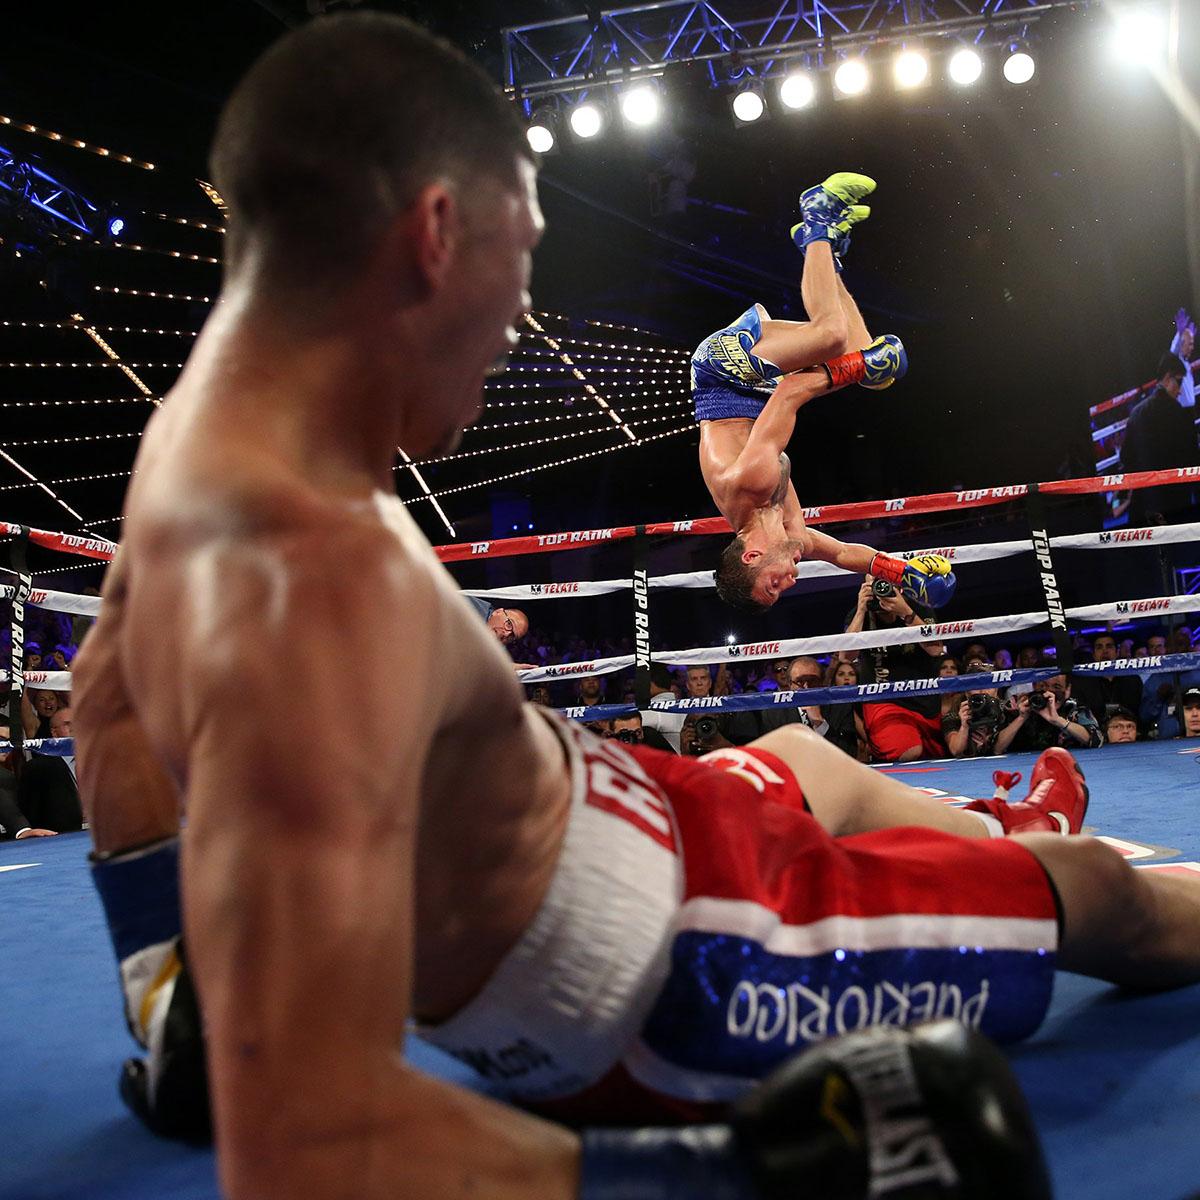 Блогеры довольны тем, что Ломаченко сумел побить рекорд по быстроте достижения чемпионских титулов